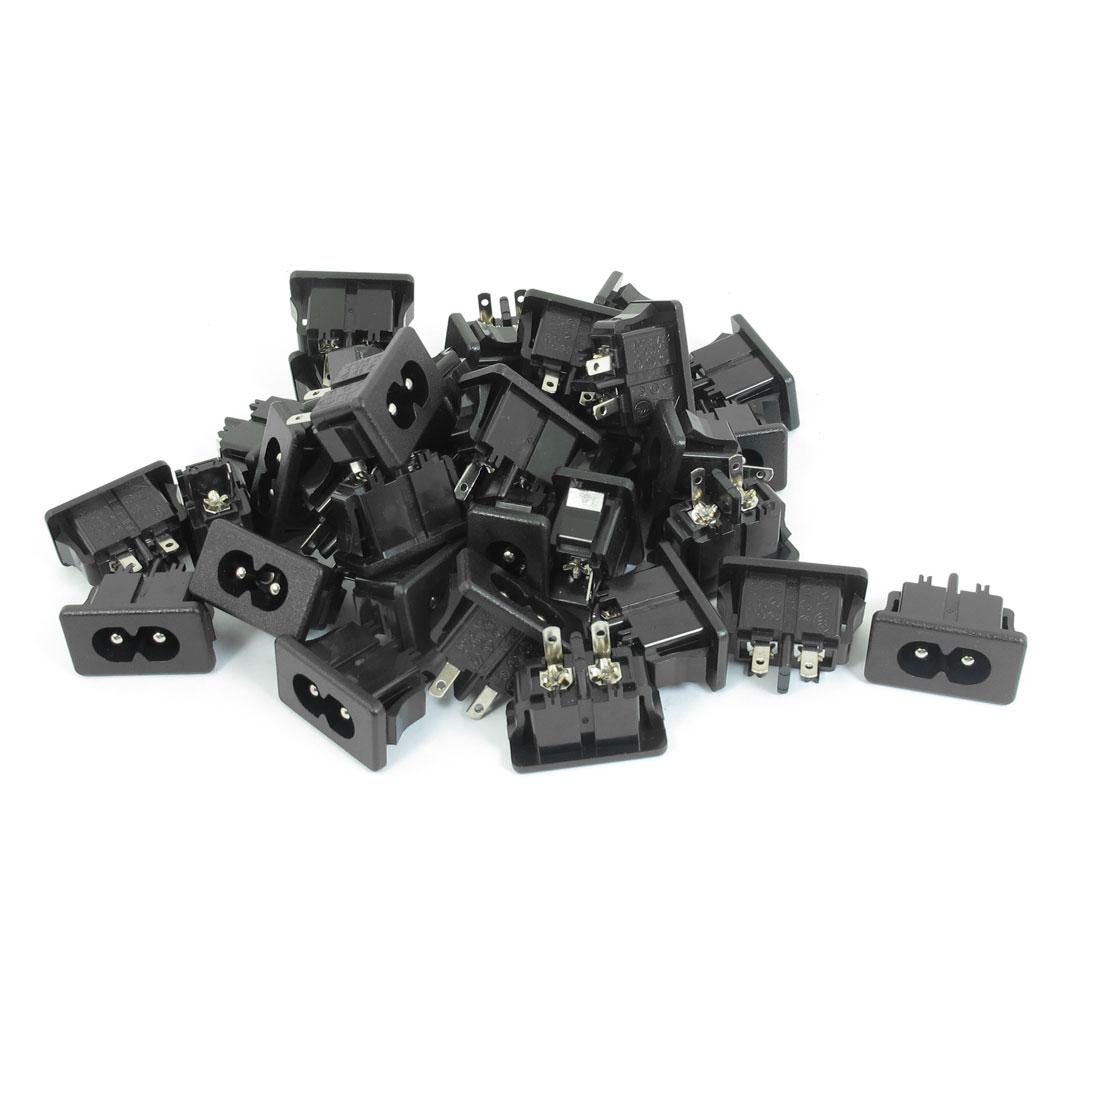 AC 250V 2.5A IEC320 C8 Male PCB Socket Connector Adapter 35 PCS